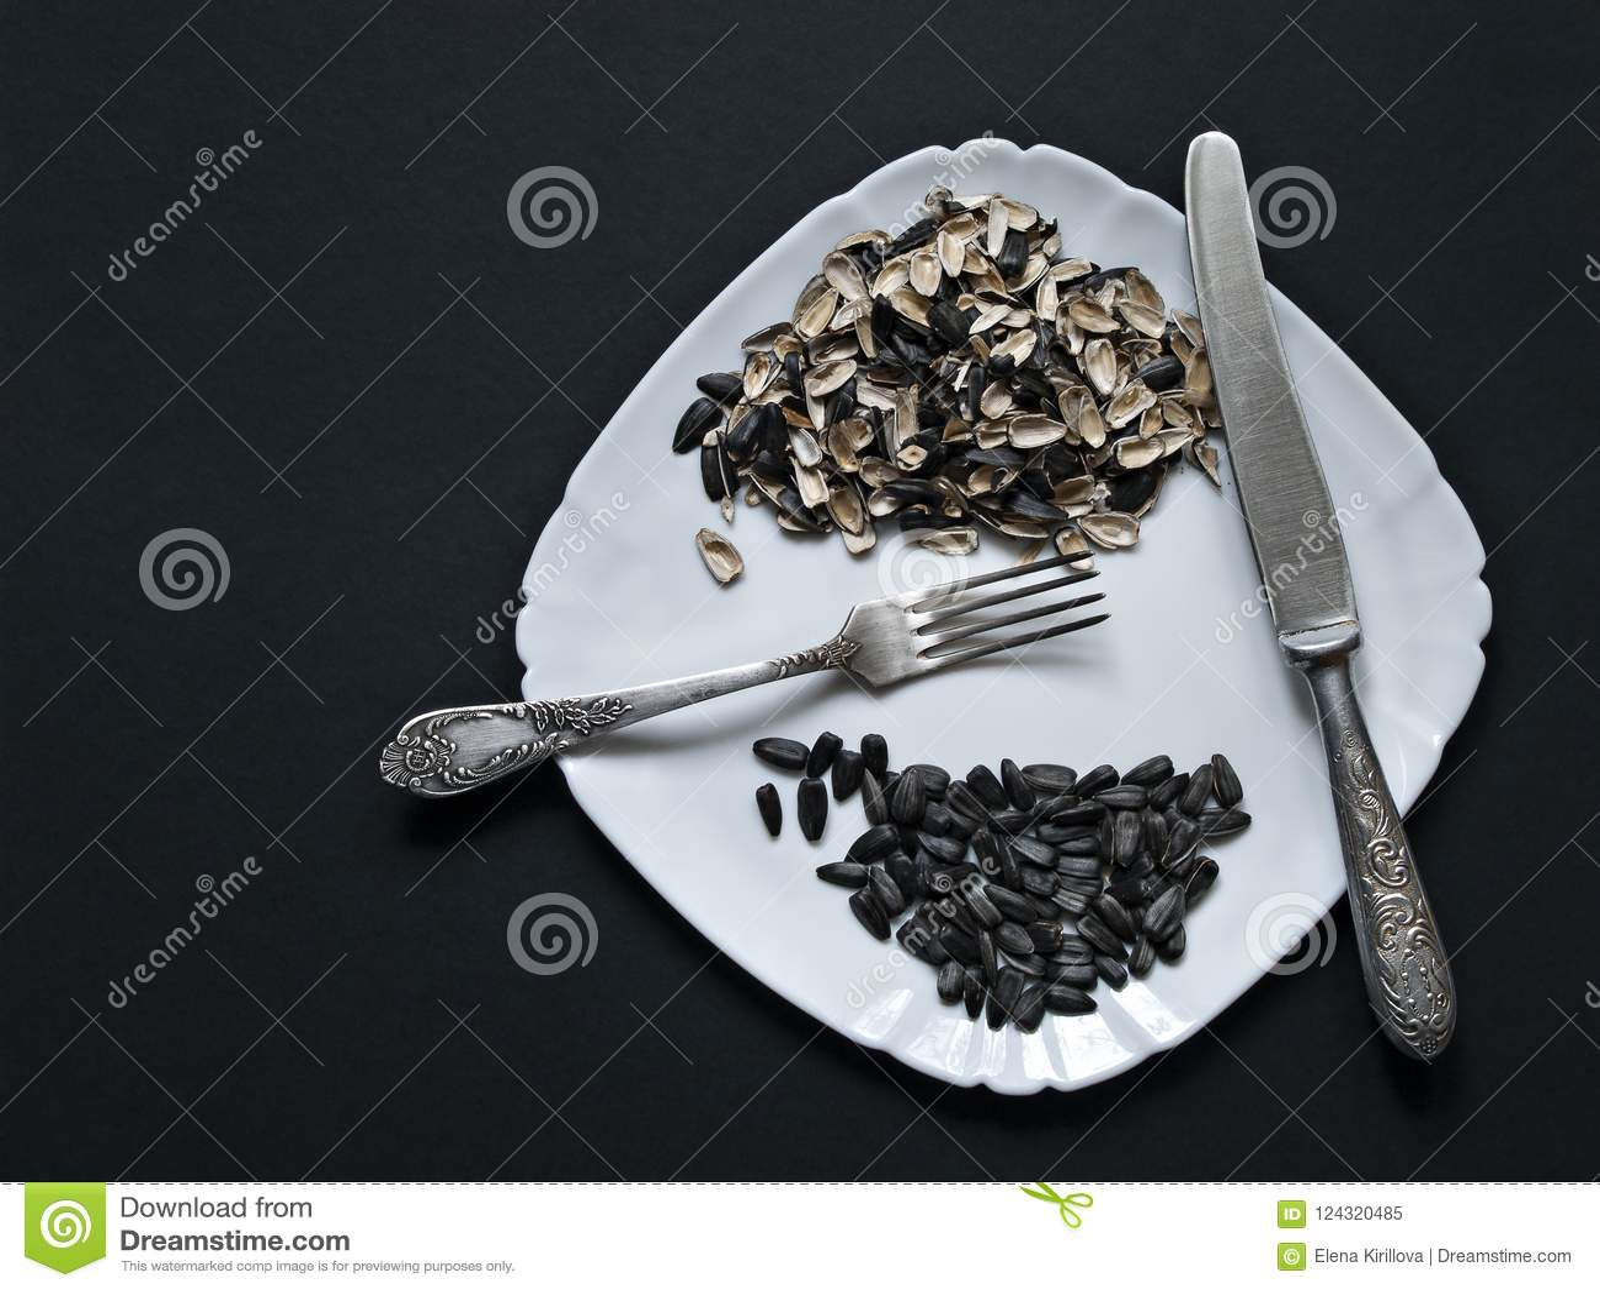 Σε ένα άσπρο πιάτο οι σπόροι ενός ηλίανθου, ο φλοιός από